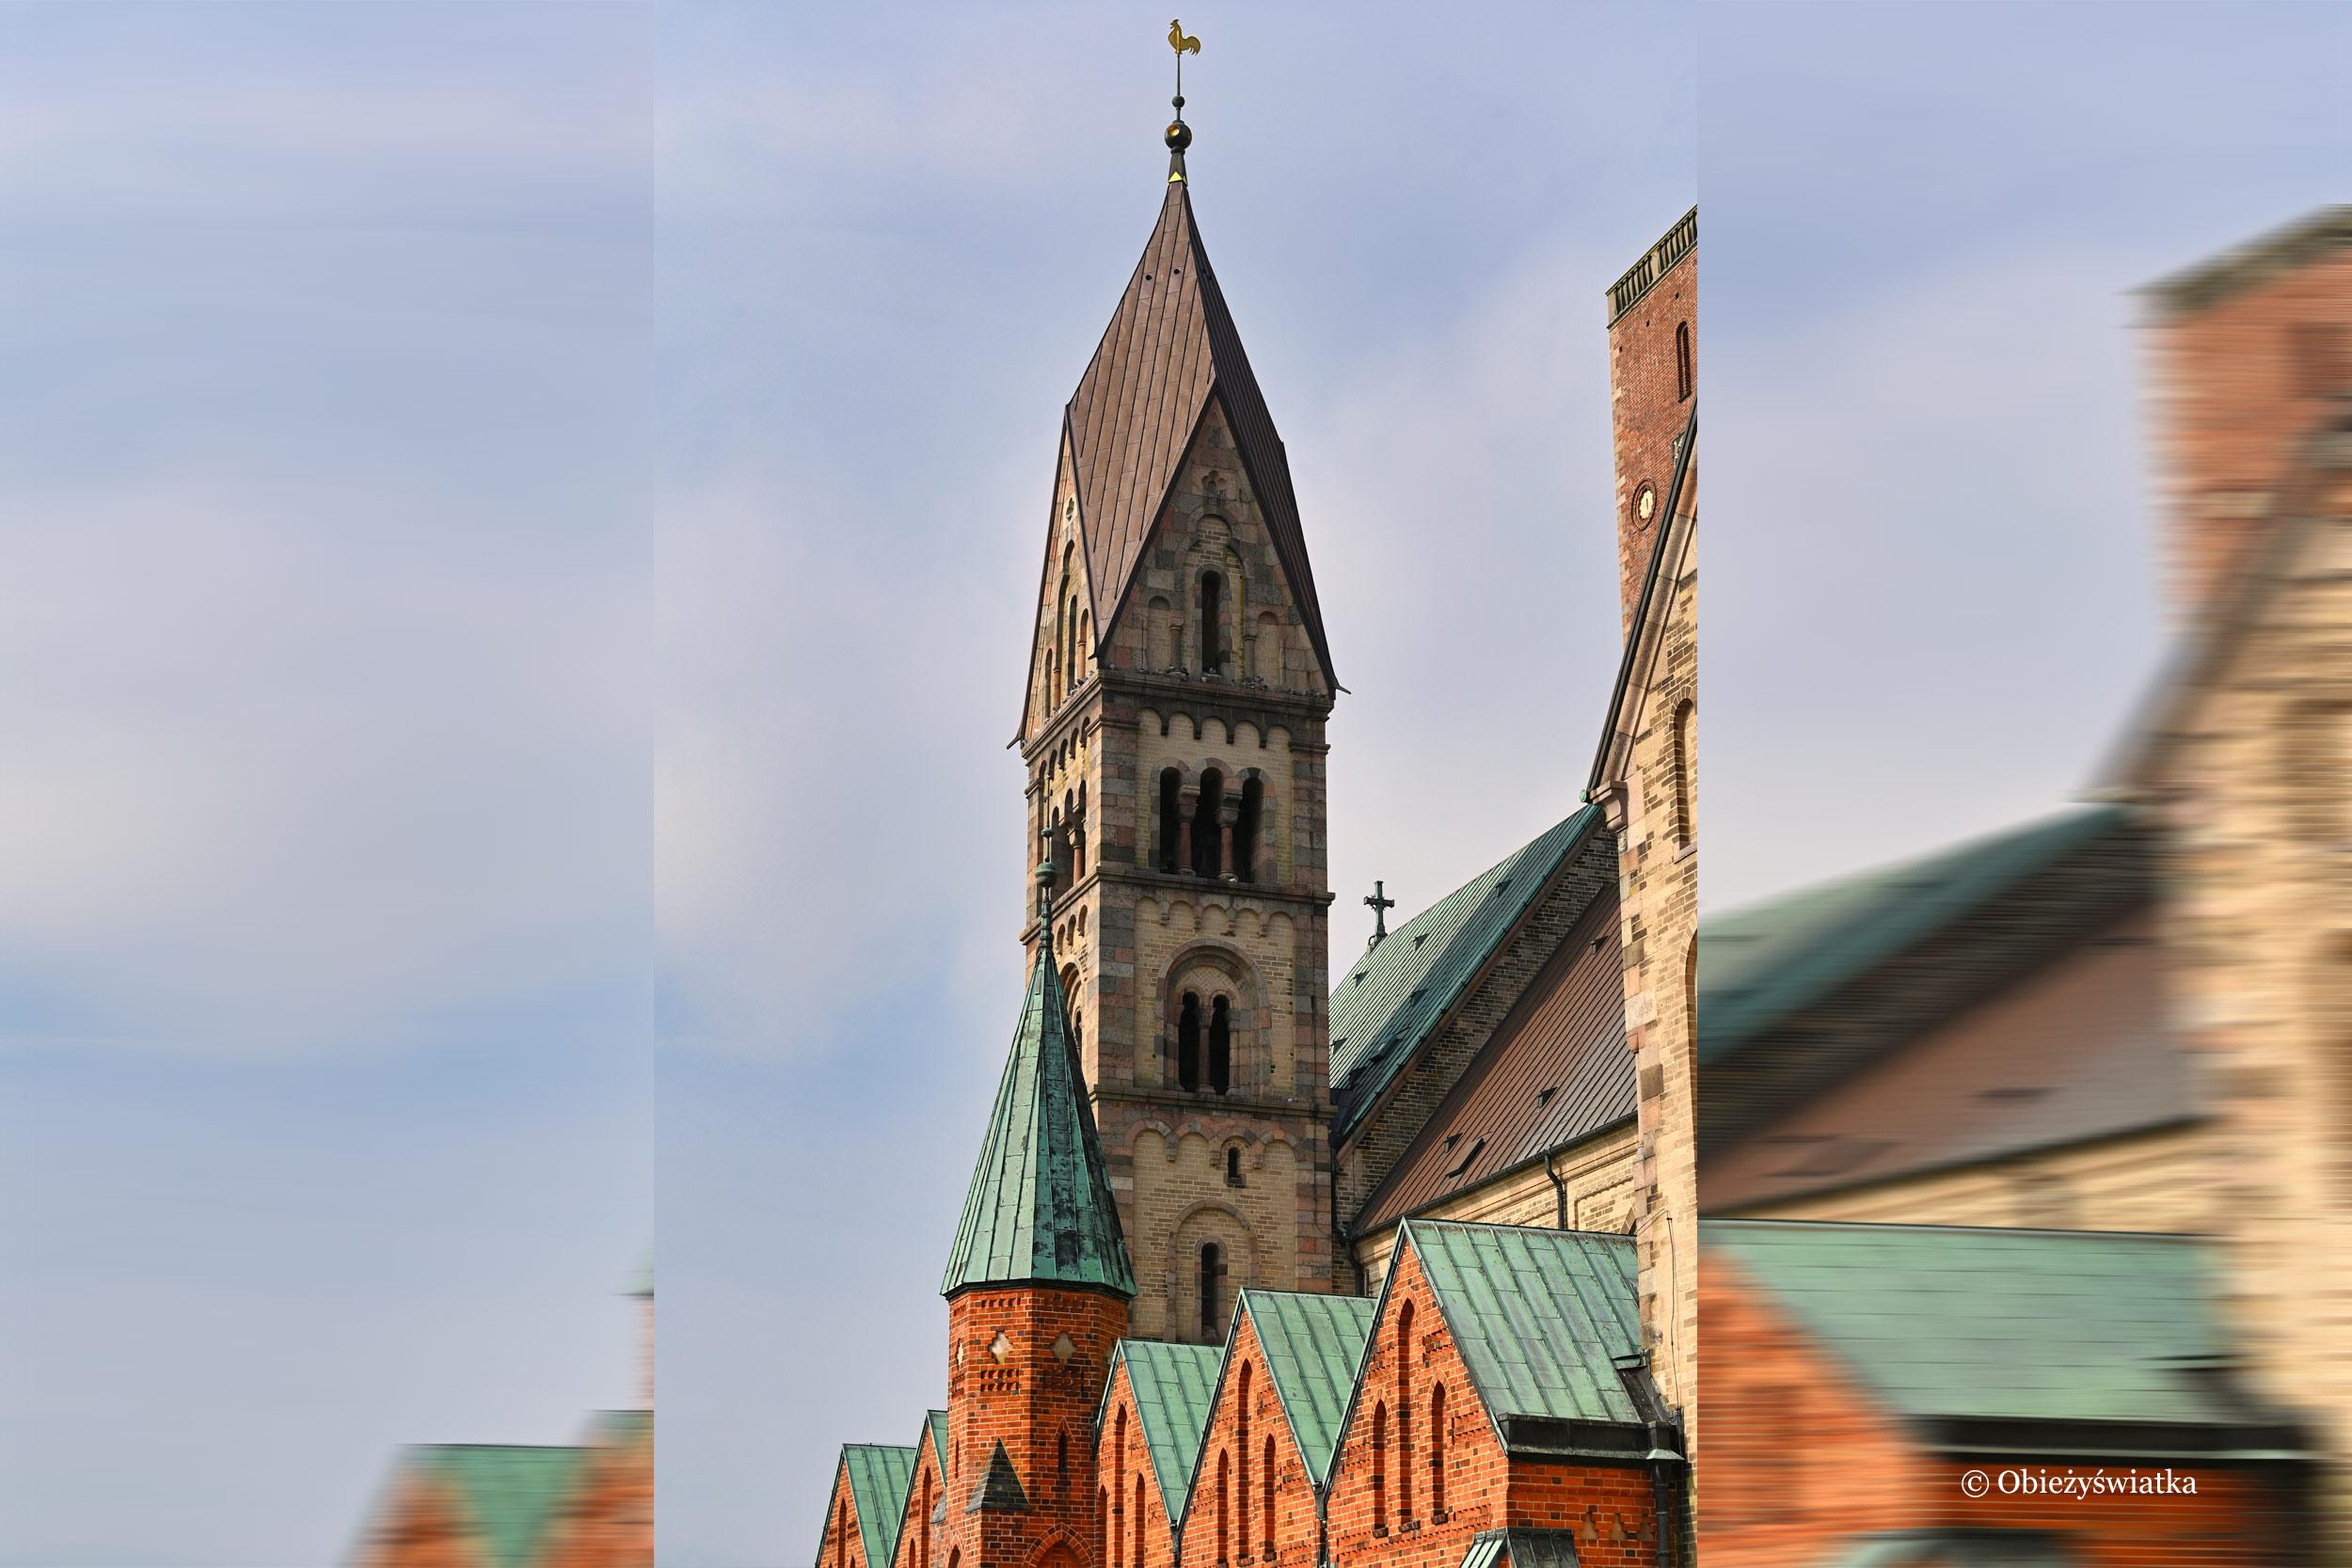 Romańsko-gotycka architektura - Katedra w Ribe, Dania